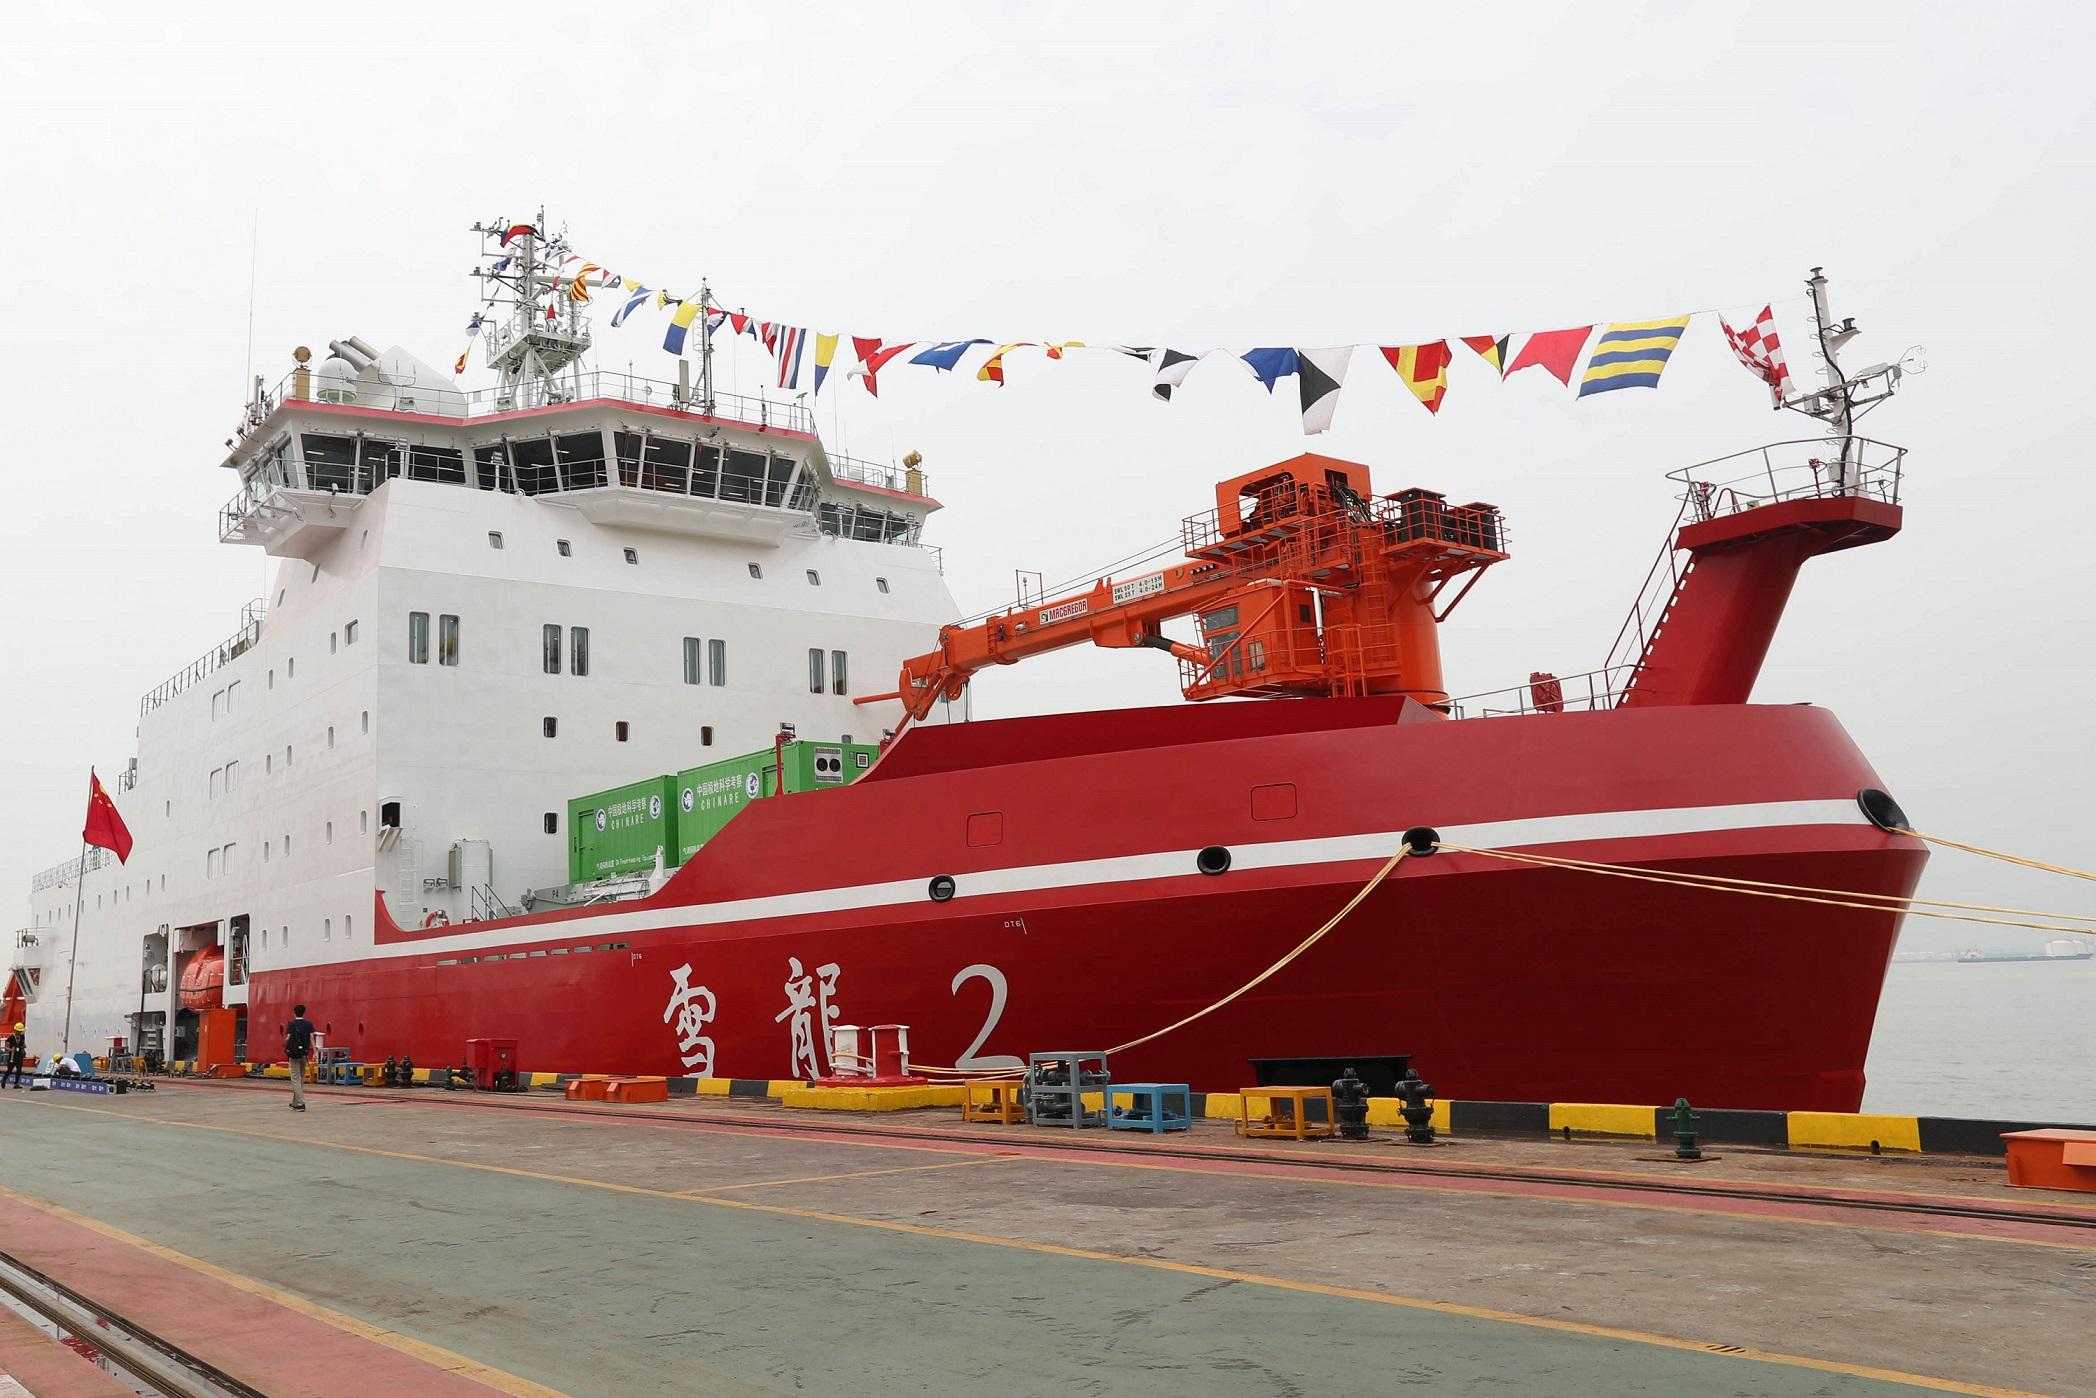 阿克苏诺贝尔船舶和防护涂料助力雪龙2号破冰前行 01.jpg